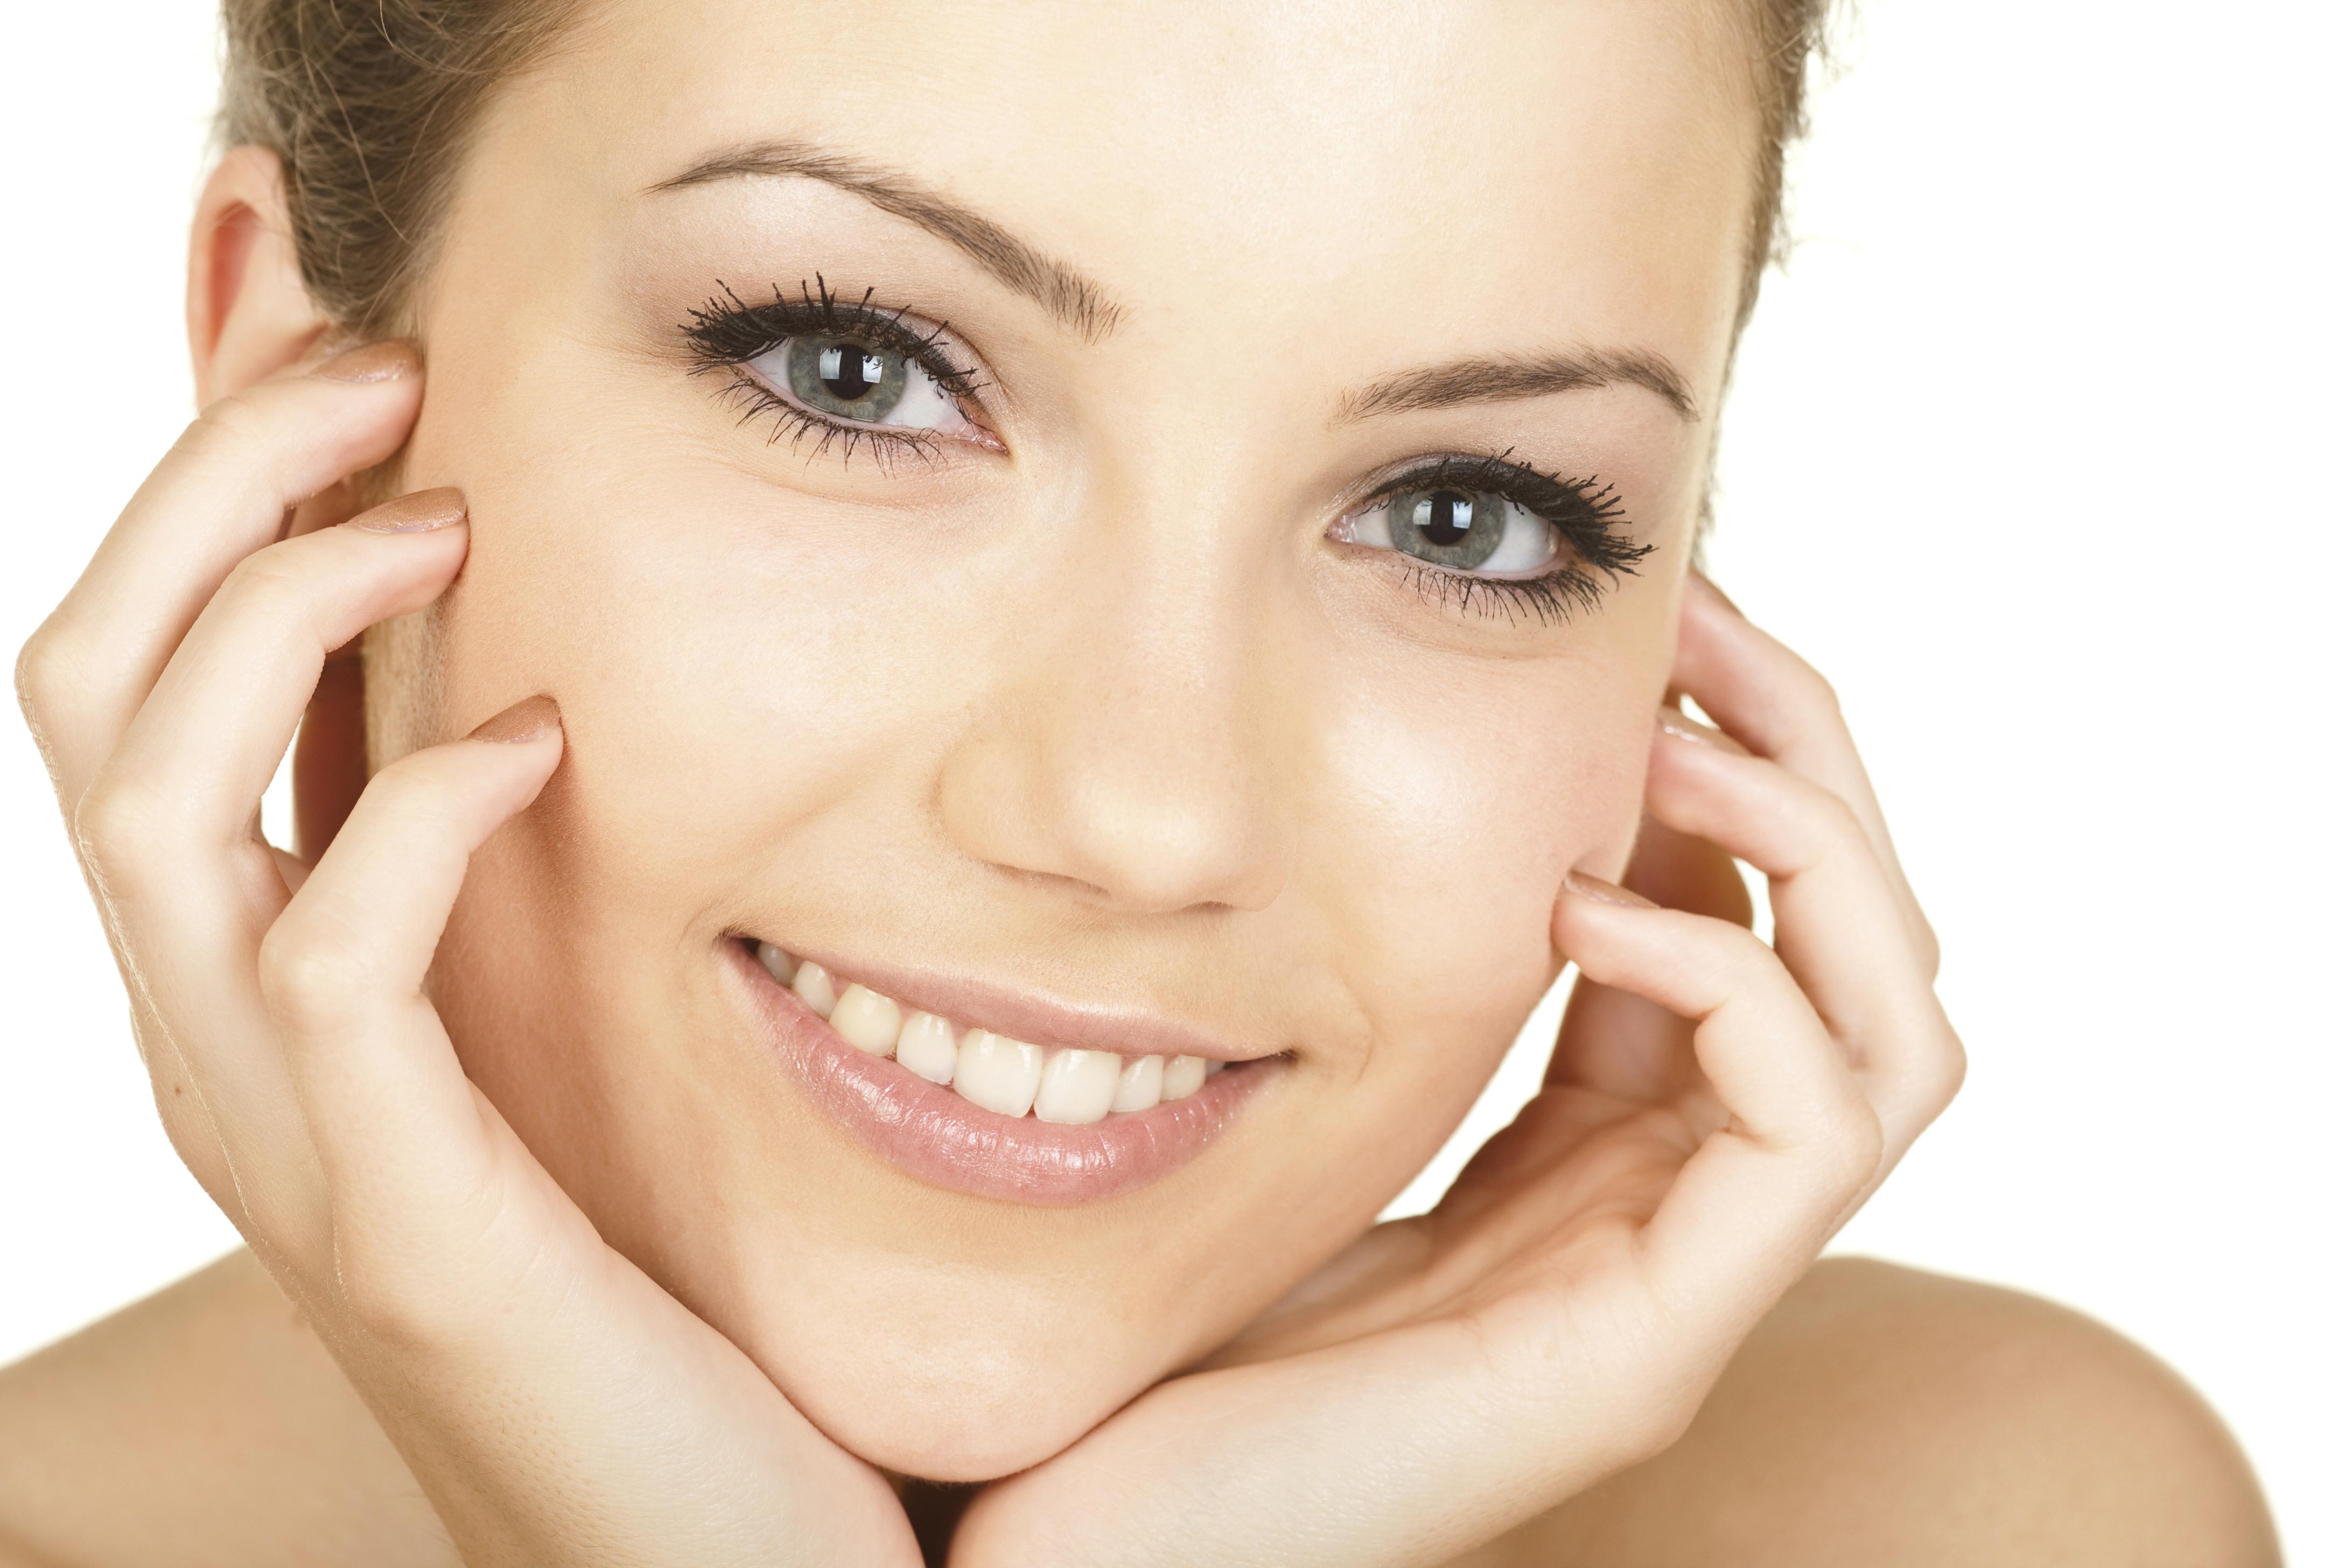 Apo Aspern Hautpflege (c) Apo Aspern